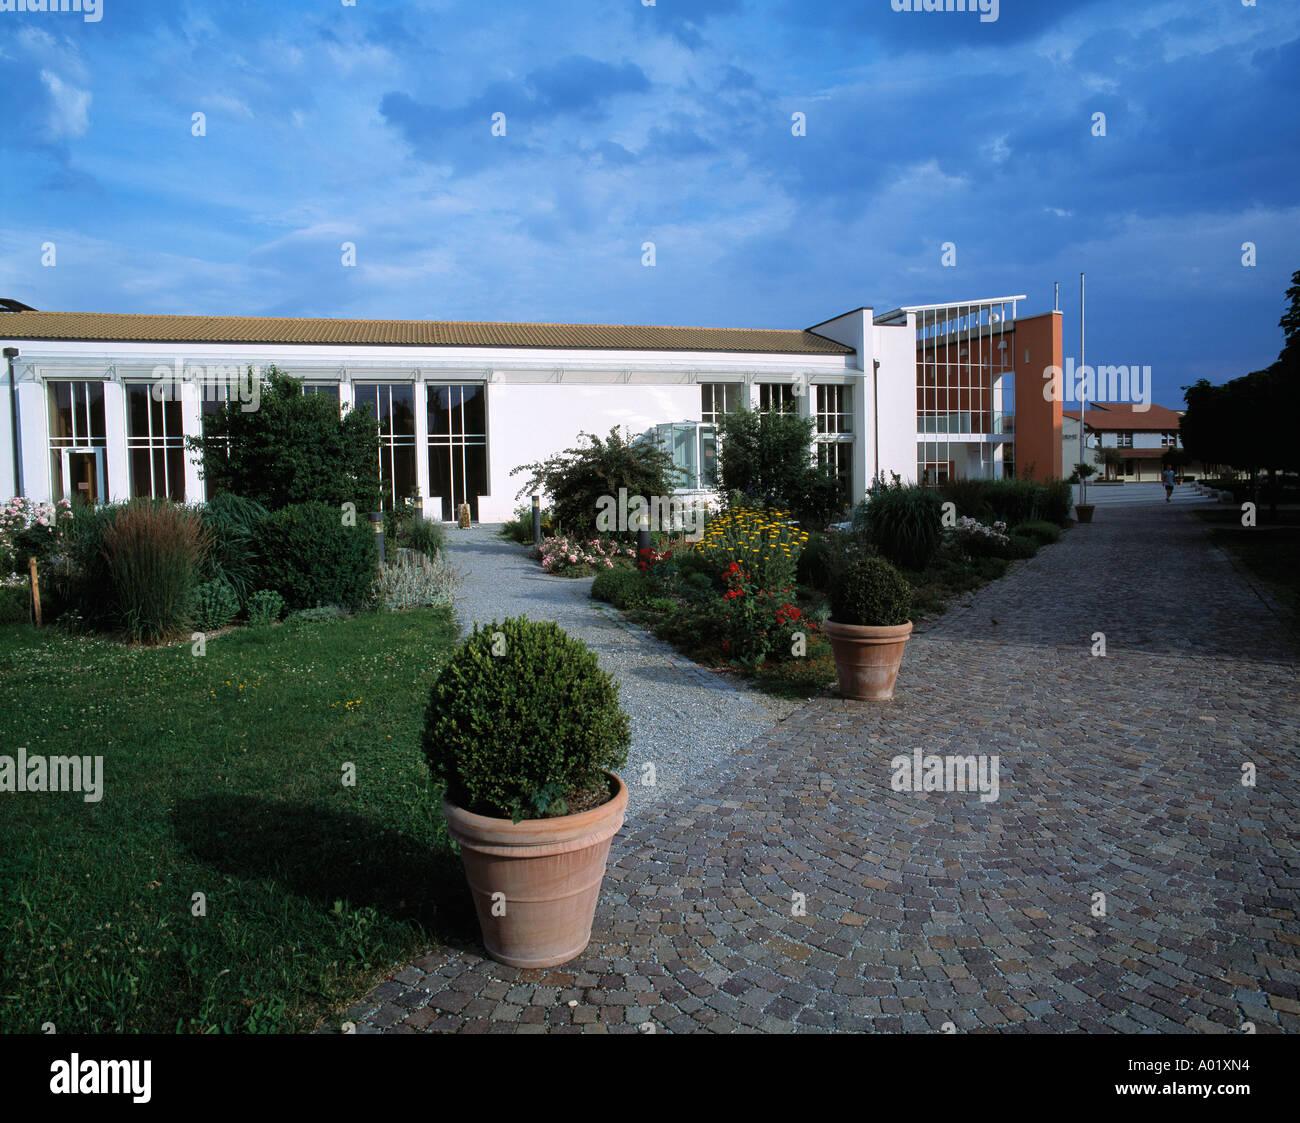 Kurhaus, Seitenansicht, Pflanzenkuebel, Blumenkuebel, Neustadt an der Donau-Bad Goegging, Abens, Niederbayern Stock Photo